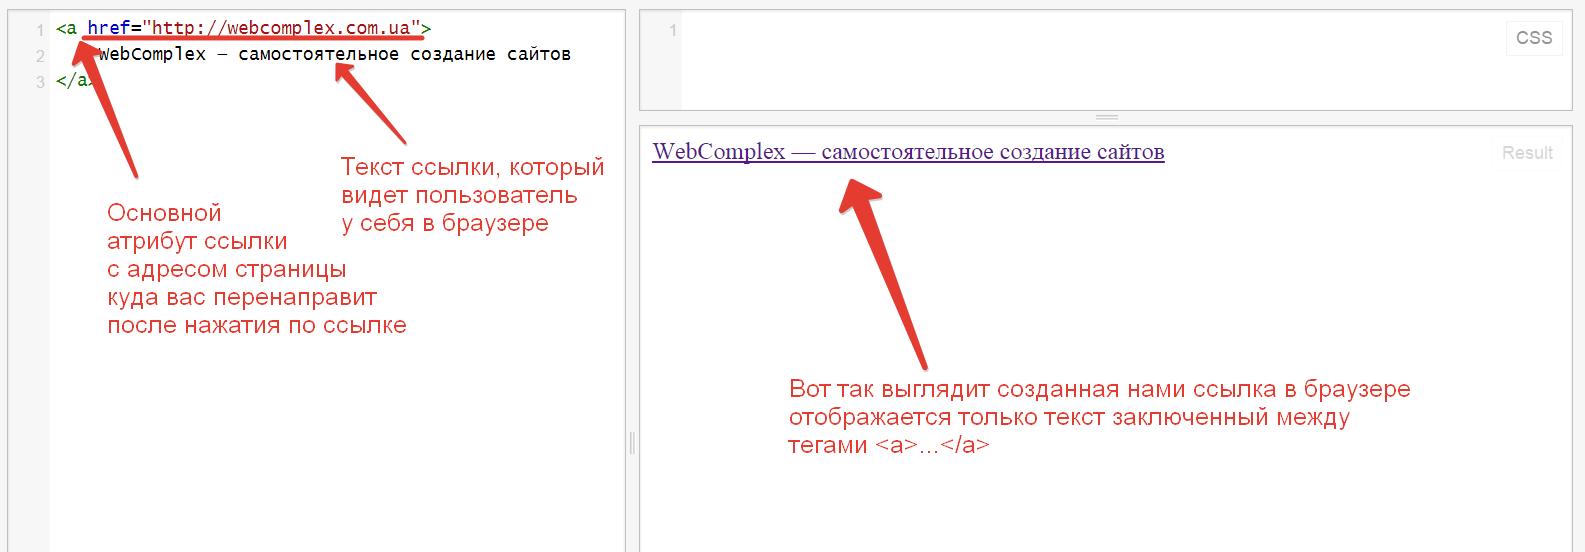 html код ссылки: